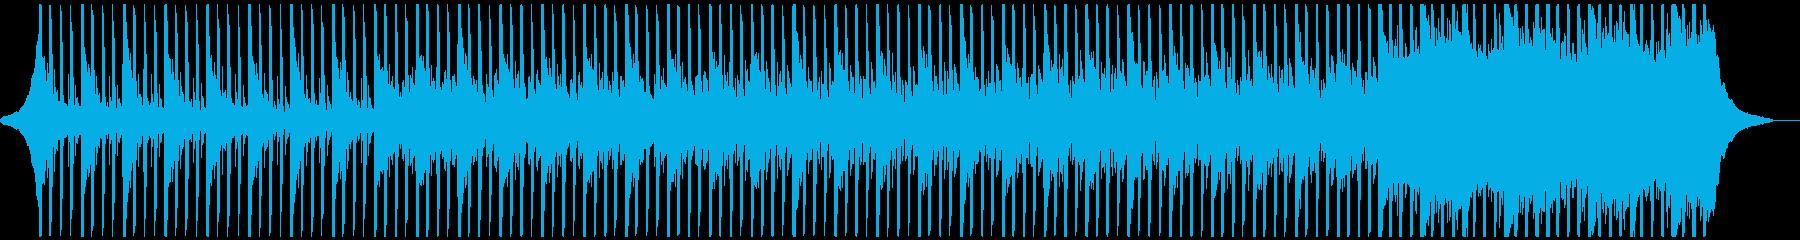 企業VPに!ピアノも爽やかテクノポップの再生済みの波形